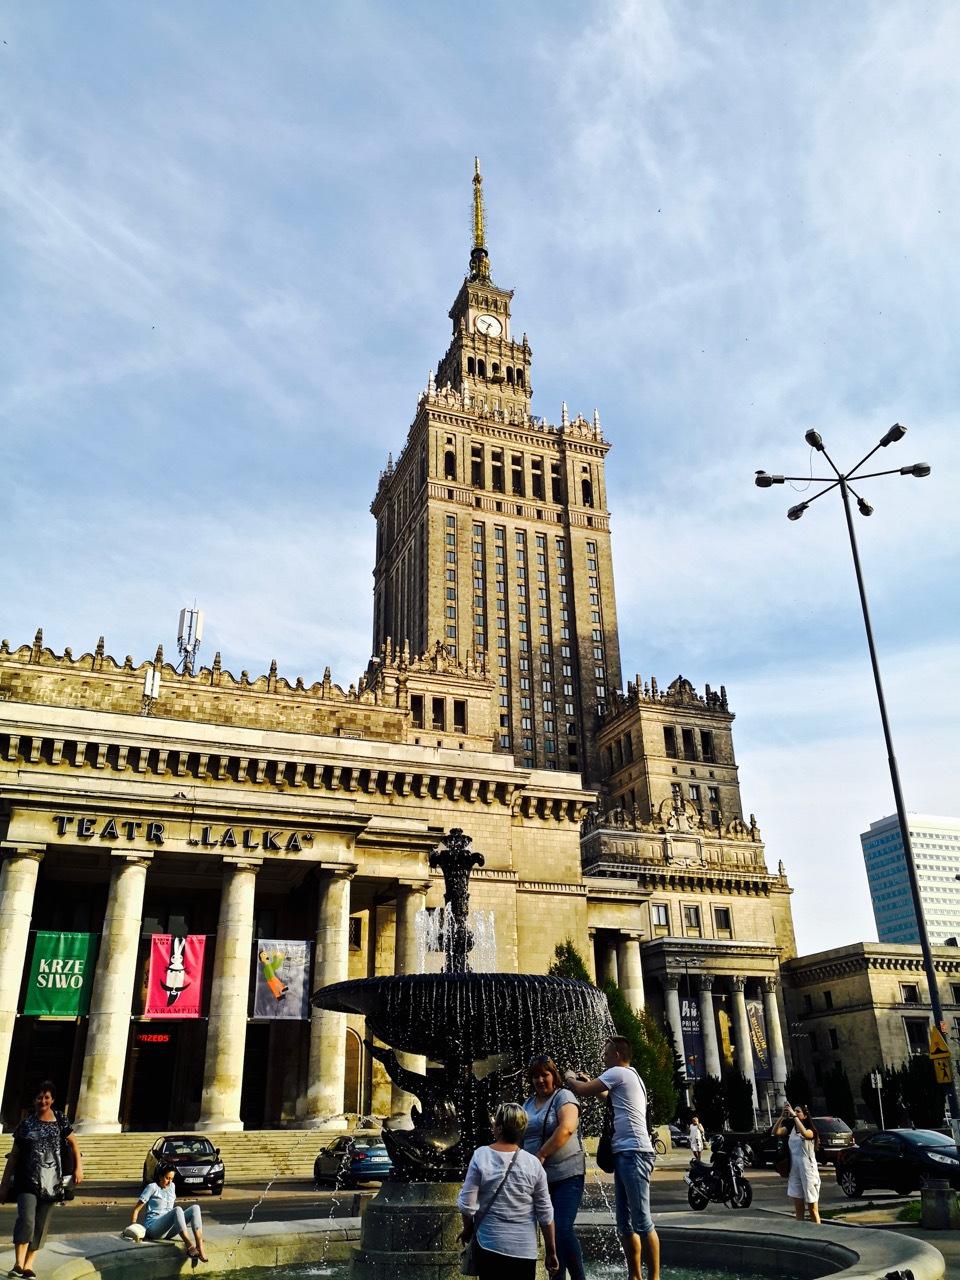 华沙图集:前苏联送给波兰的礼物,至今还是最高建筑,名叫北京